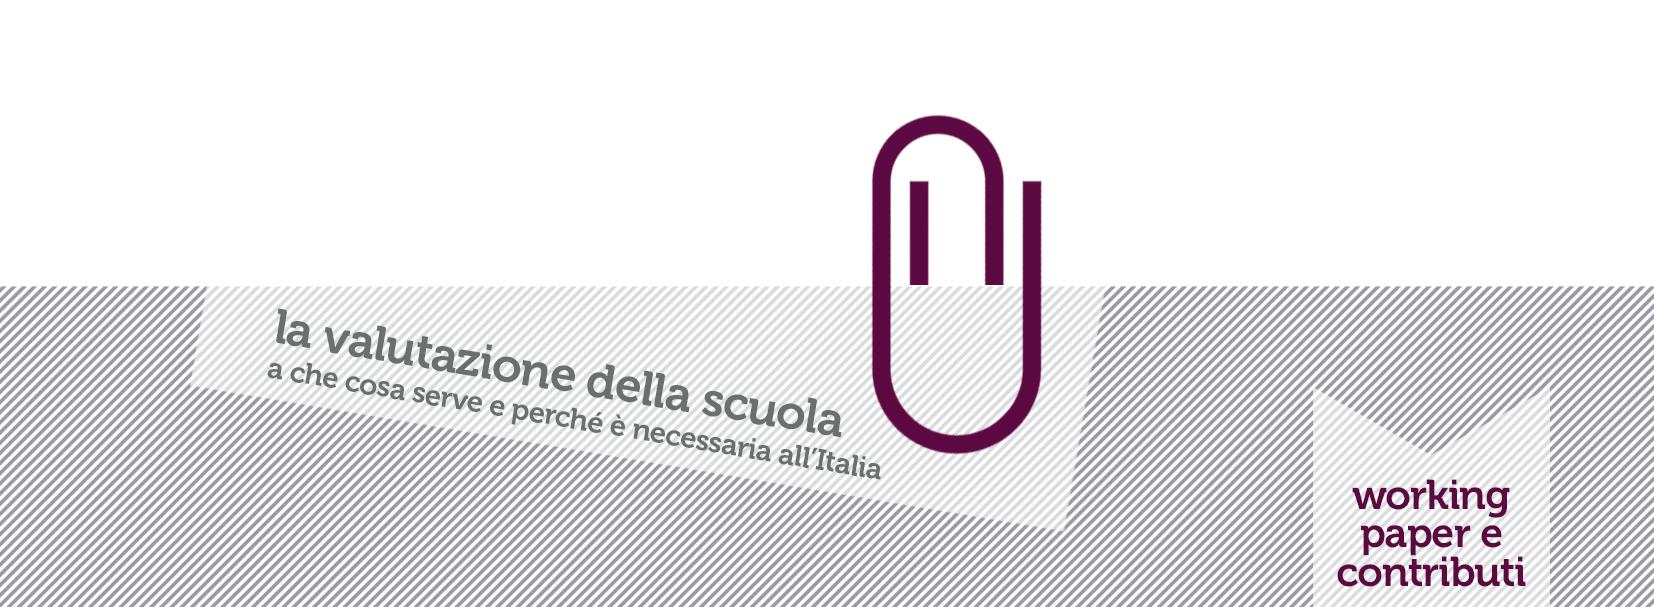 Valutazione dell'istruzione e miglioramento: il contributo degli studi di management, di Angelo Paletta